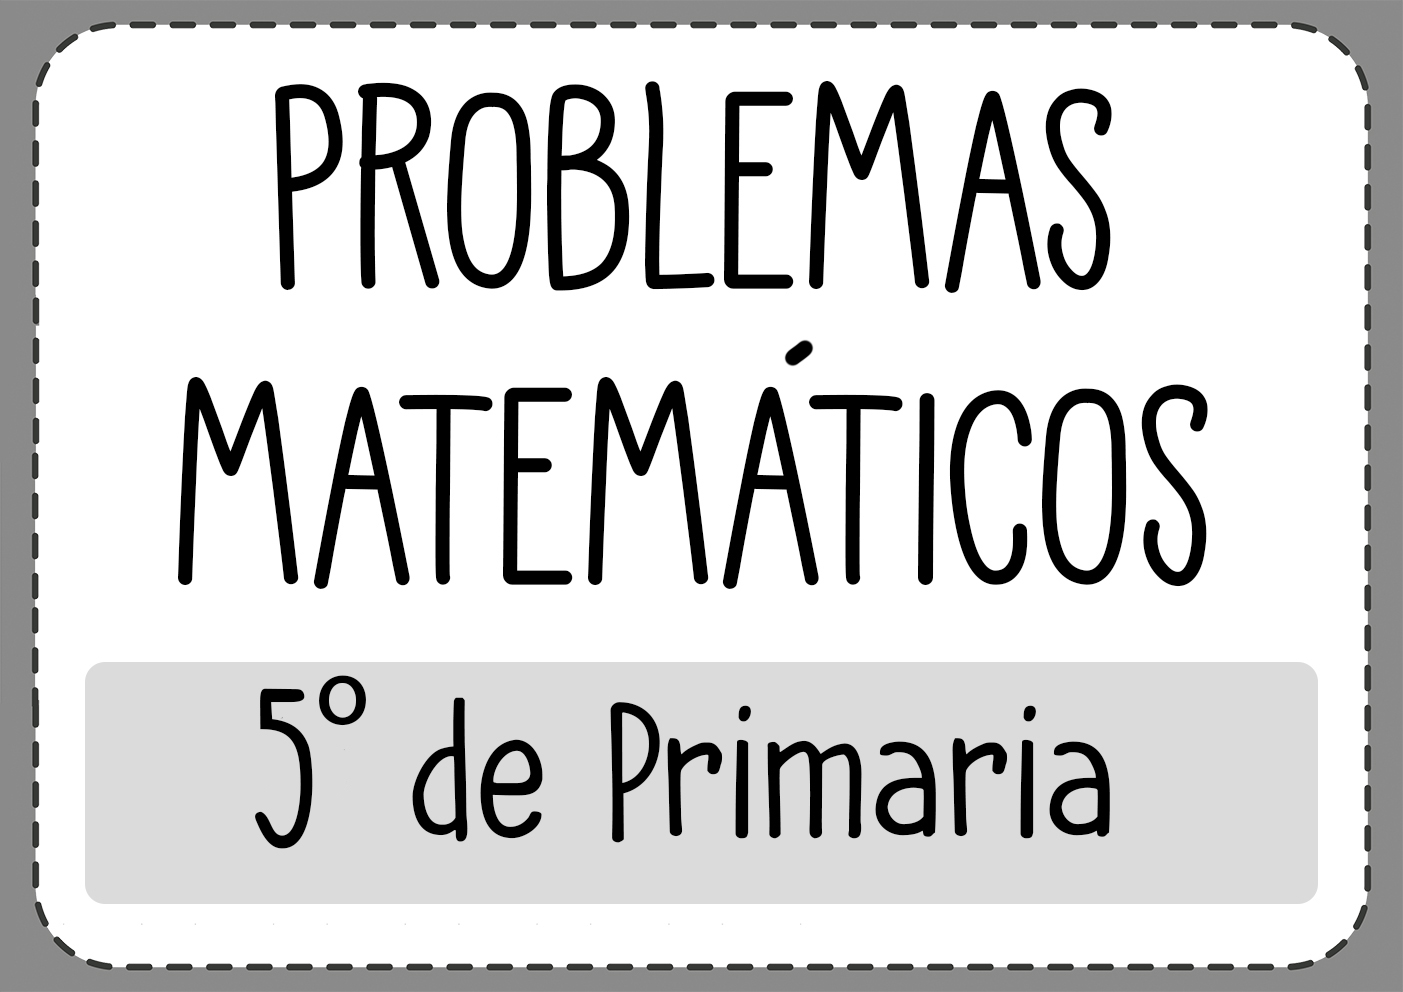 Problemas de mates 5 primaria